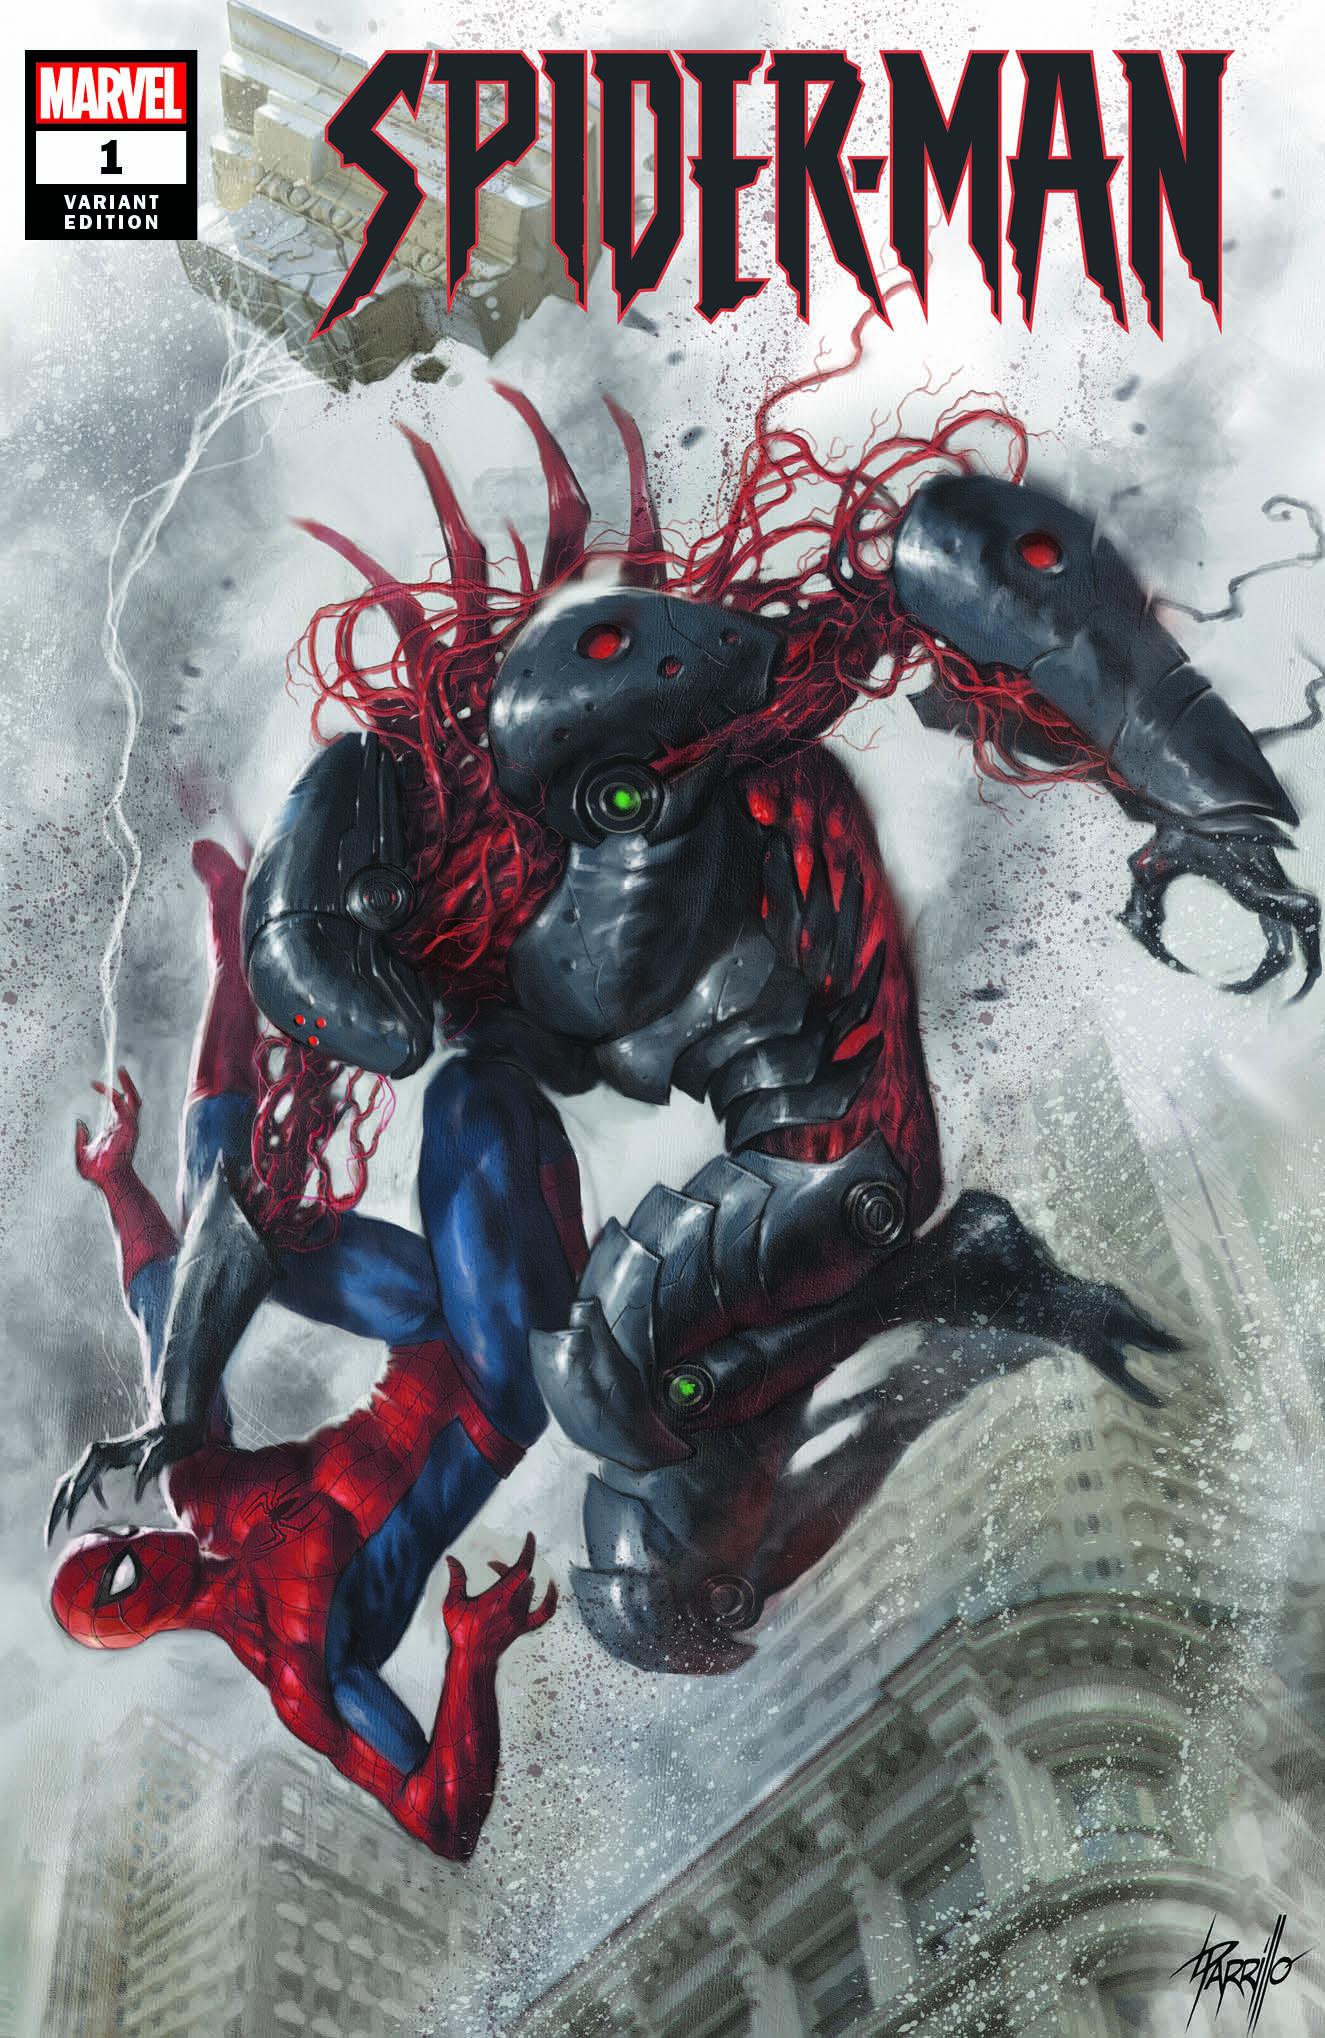 JJ 亞伯拉罕和兒子撰寫的蜘蛛人故事帶出全新反派和殺死瑪麗珍!